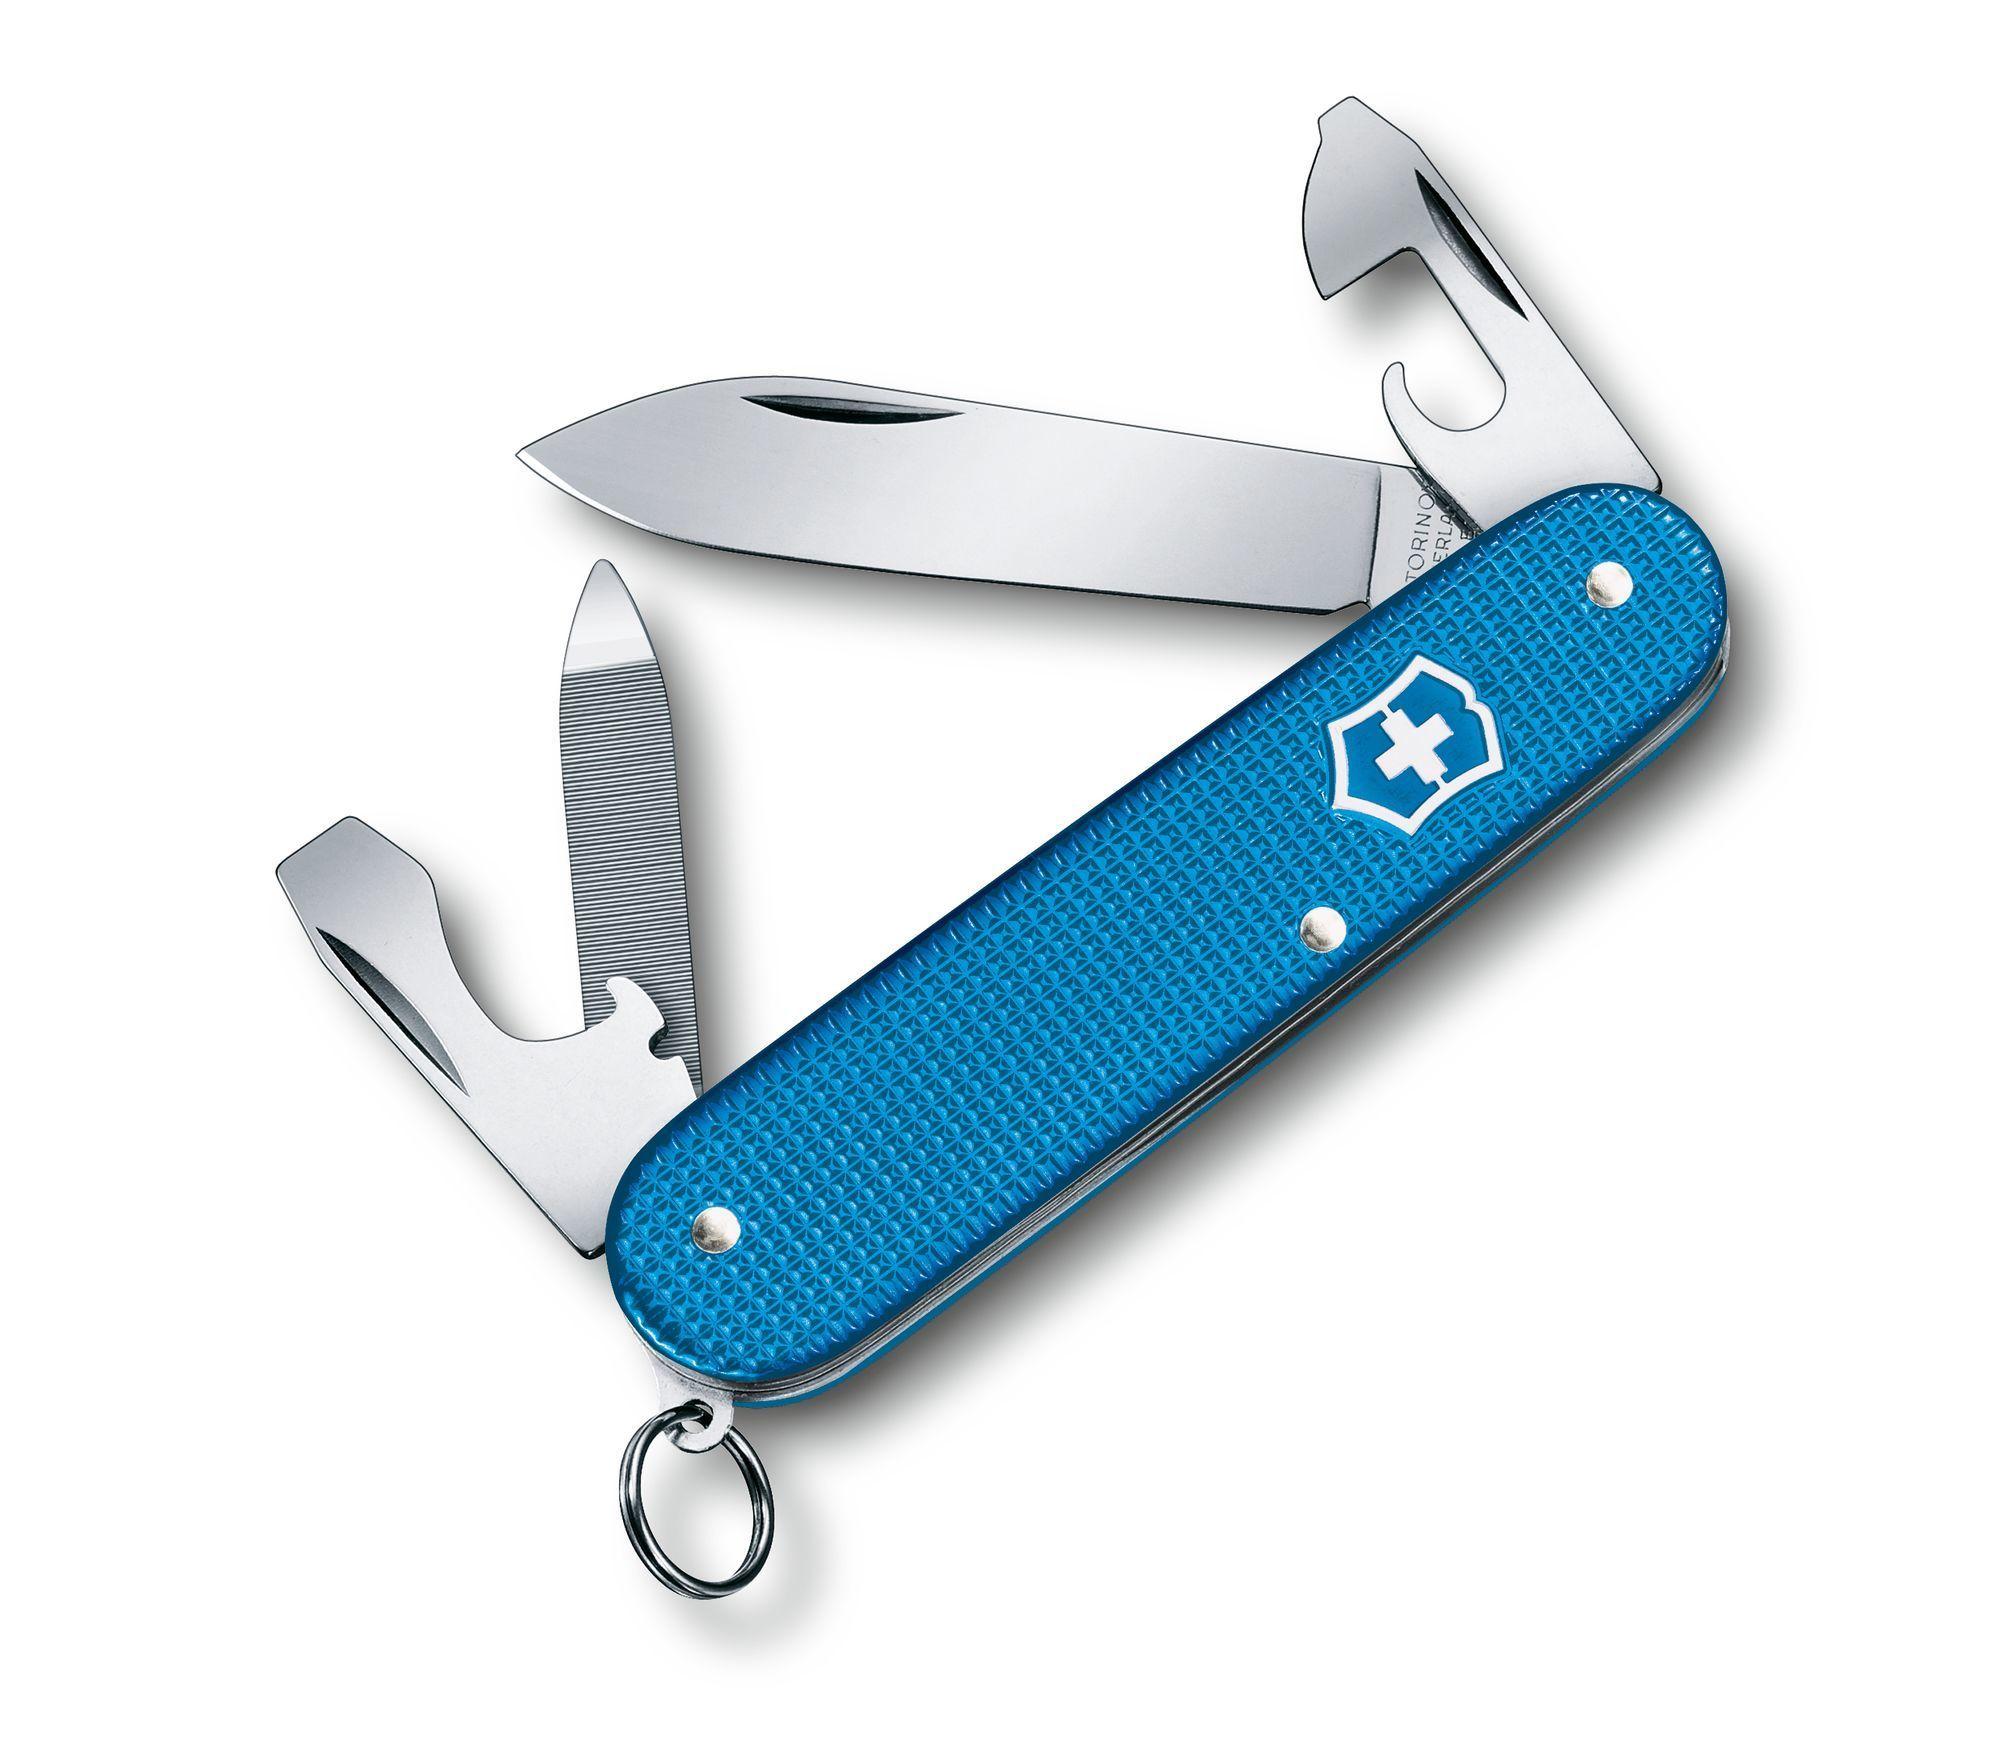 Нож перочинный Victorinox Cadet Alox LE 2020, сталь X55CrMo14, 84 мм 9 функций, подарочная упаковка